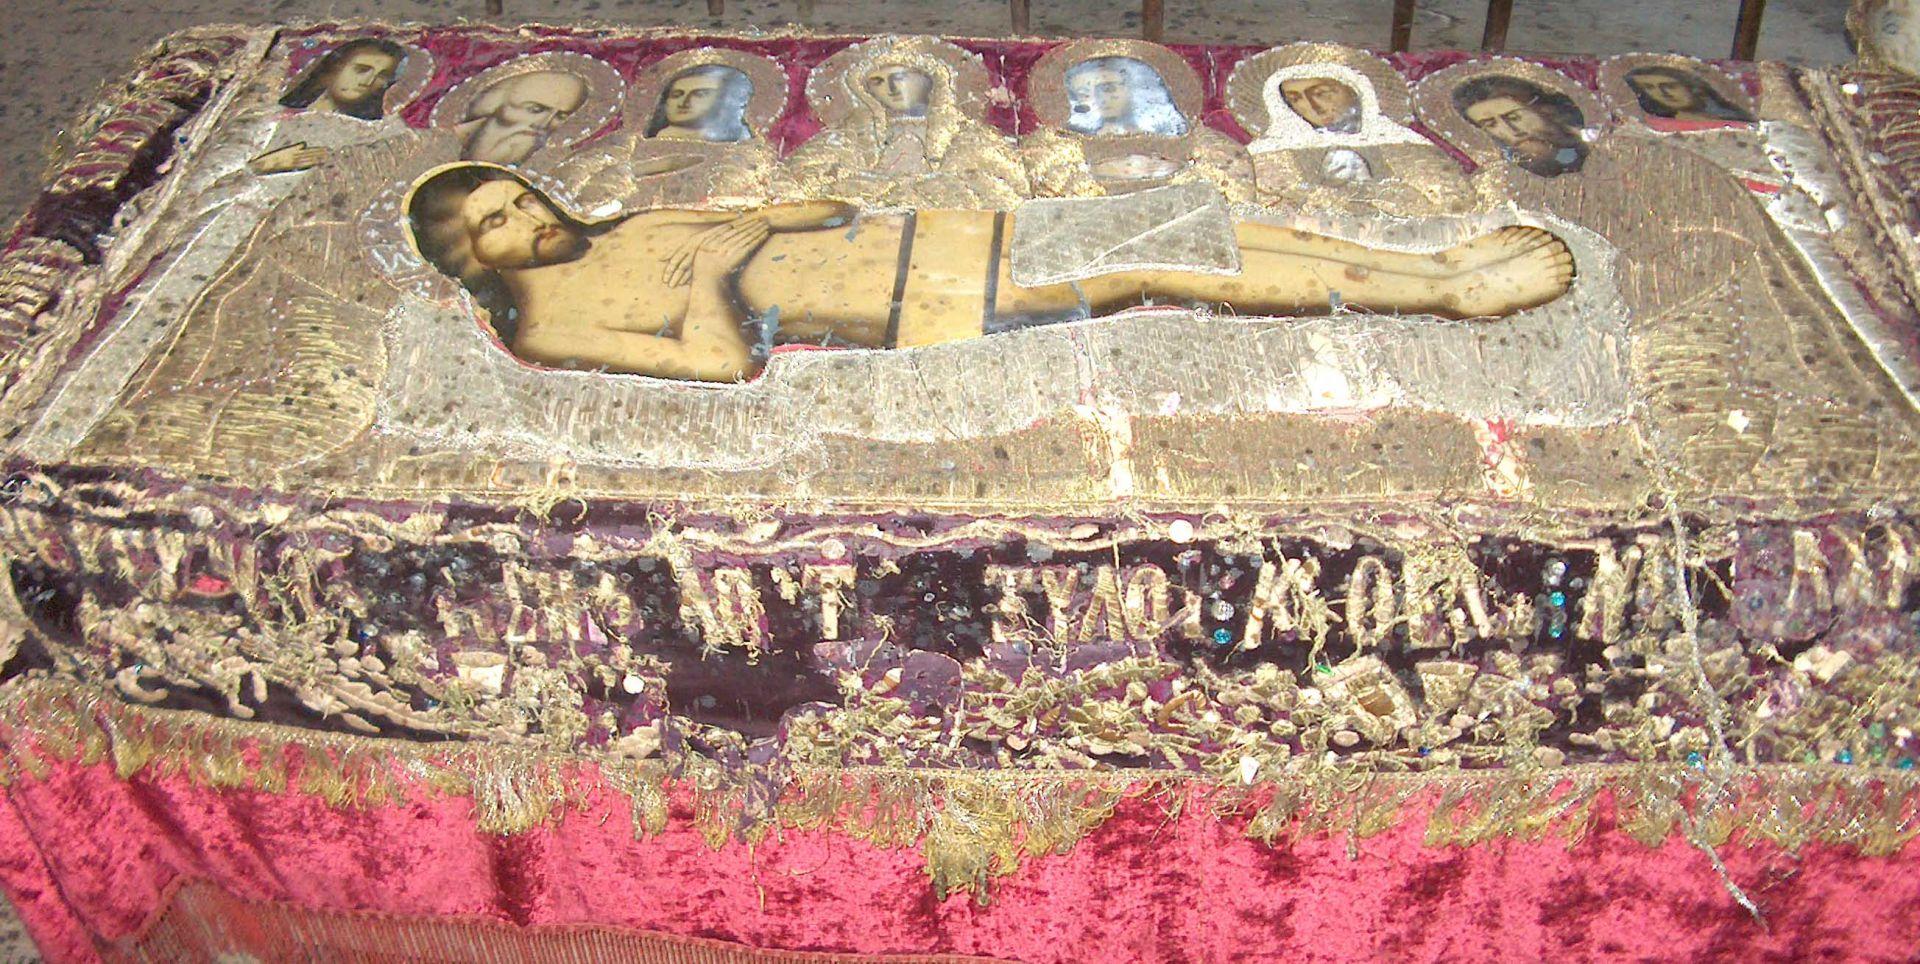 В храма в Сланотрън се пази и уникална плащеница, с която се обикаля църквата на Разпети петък. Много стара, ушита със сърмени конци тя е сред най-старата запазена до днес църковна утвар на територията на Видинската епархия